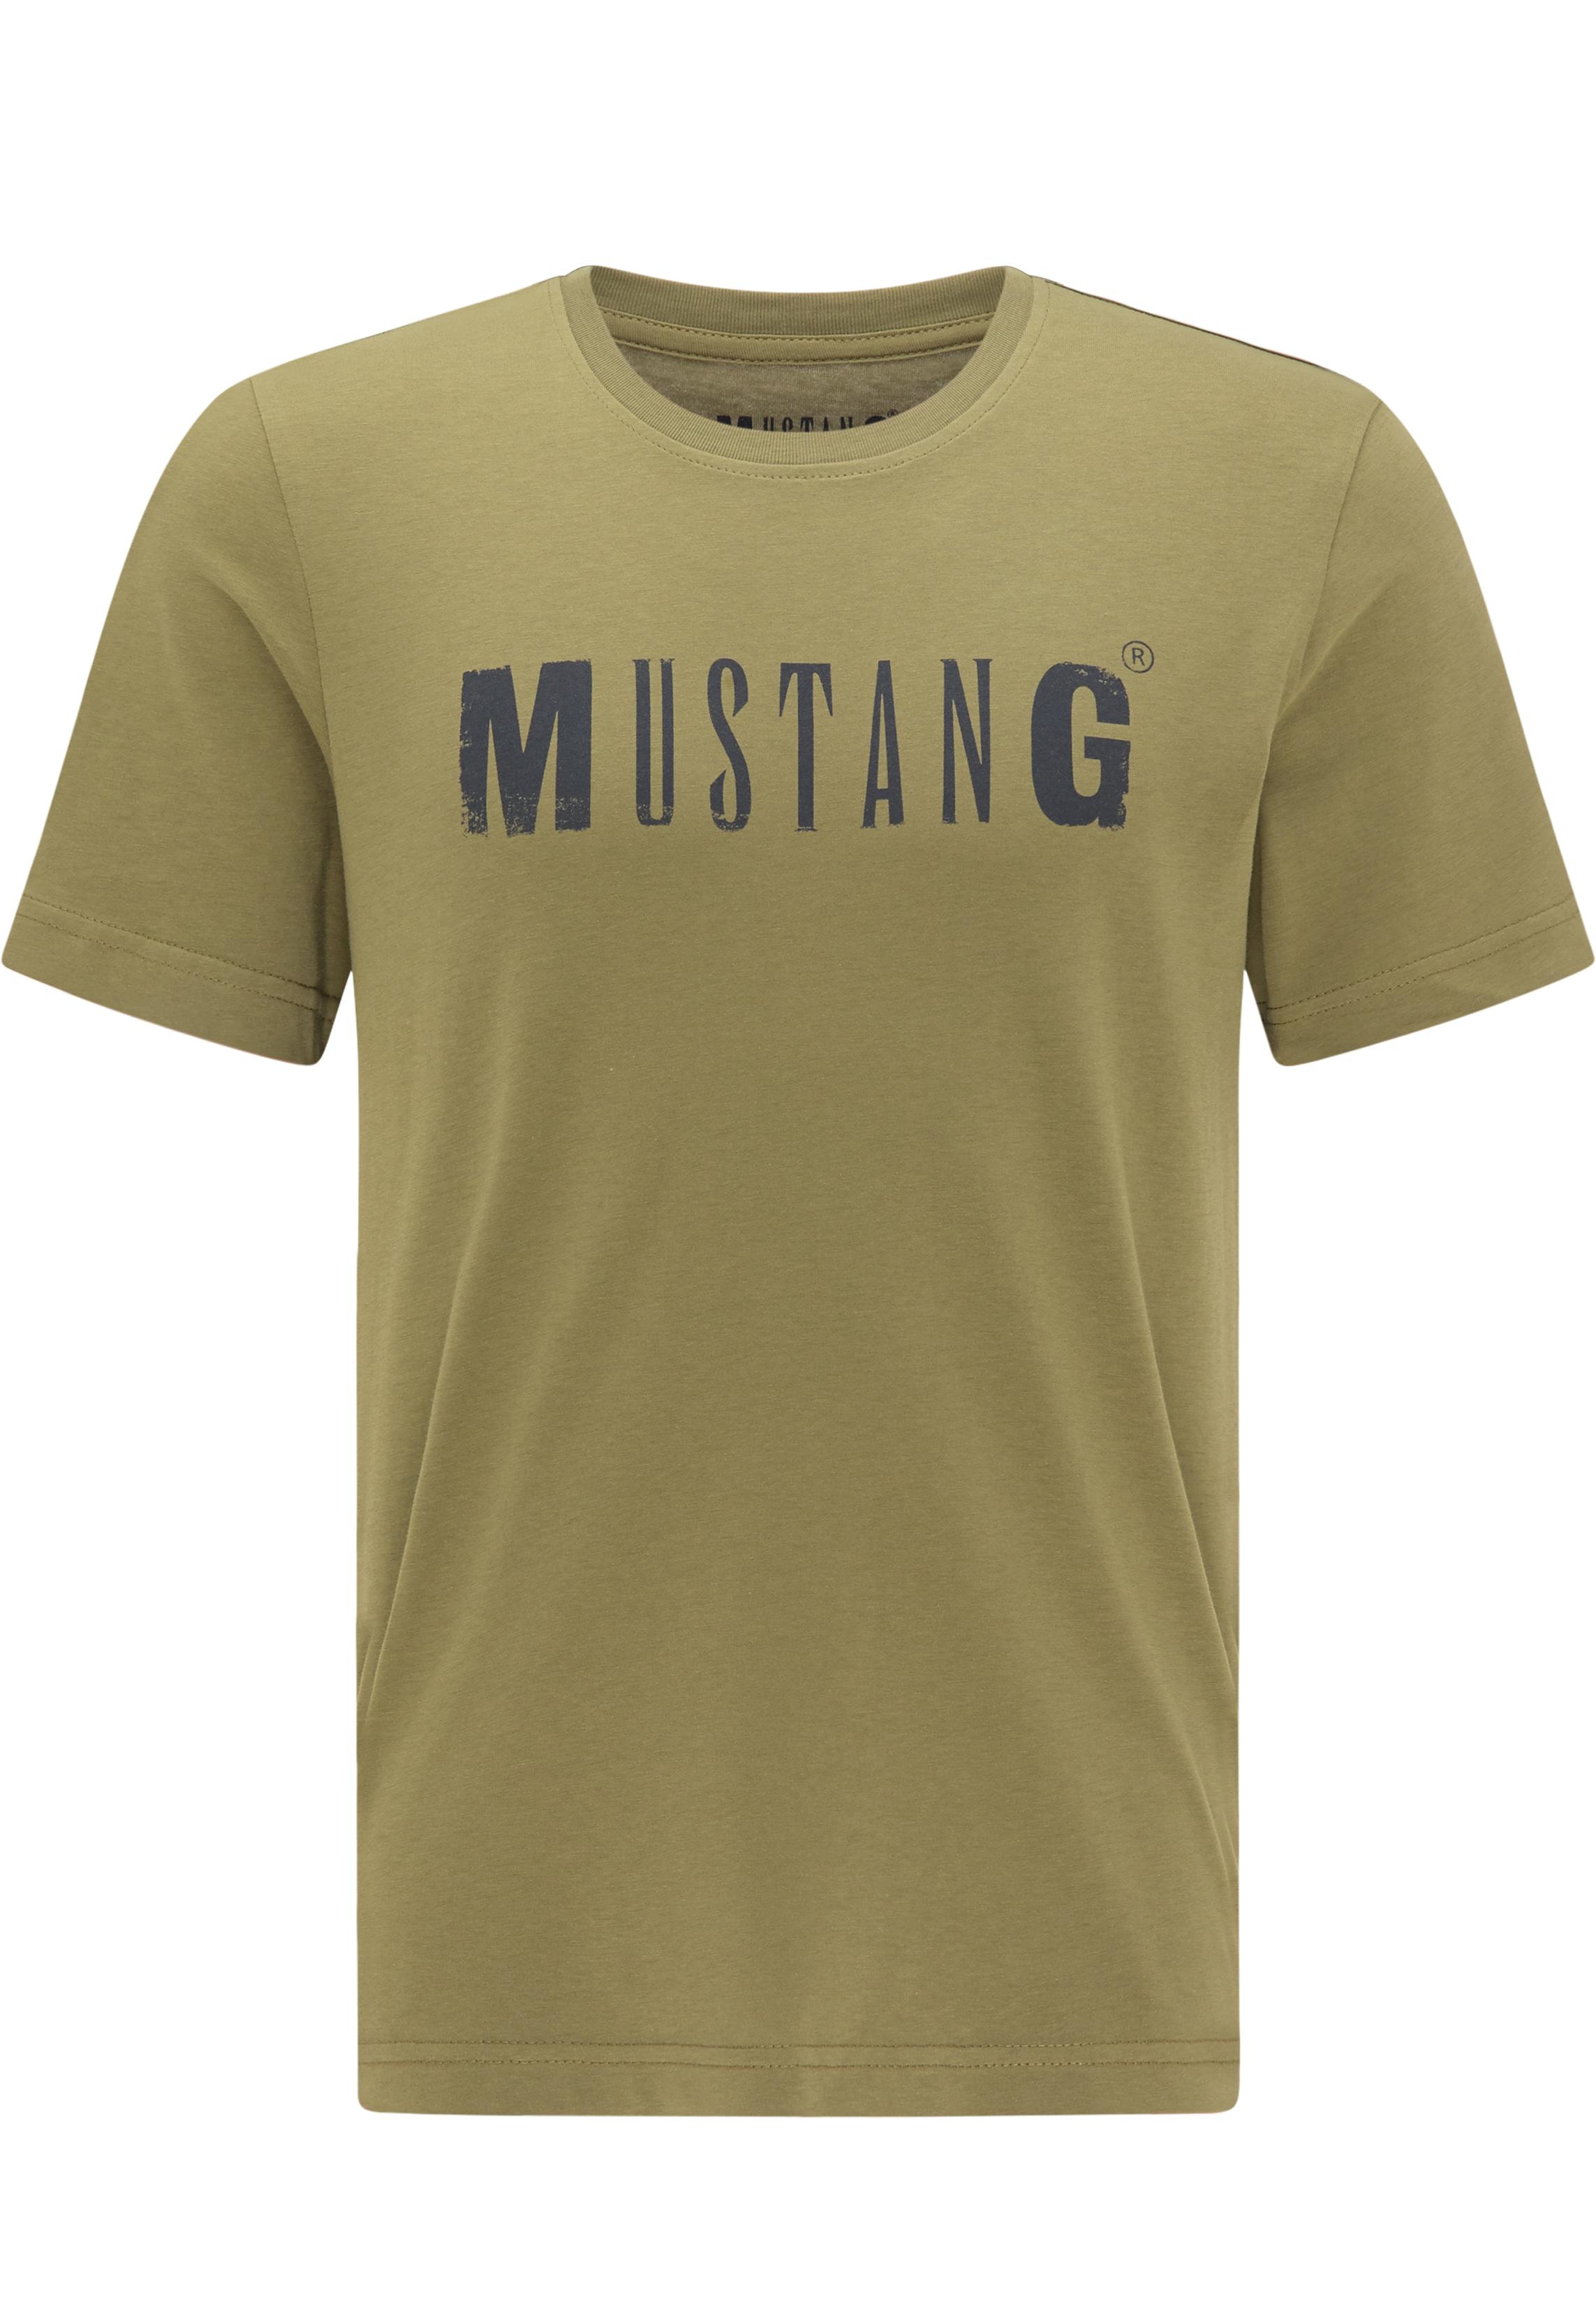 MUSTANG T-Shirt LOGO Tee grün Herren Mustang